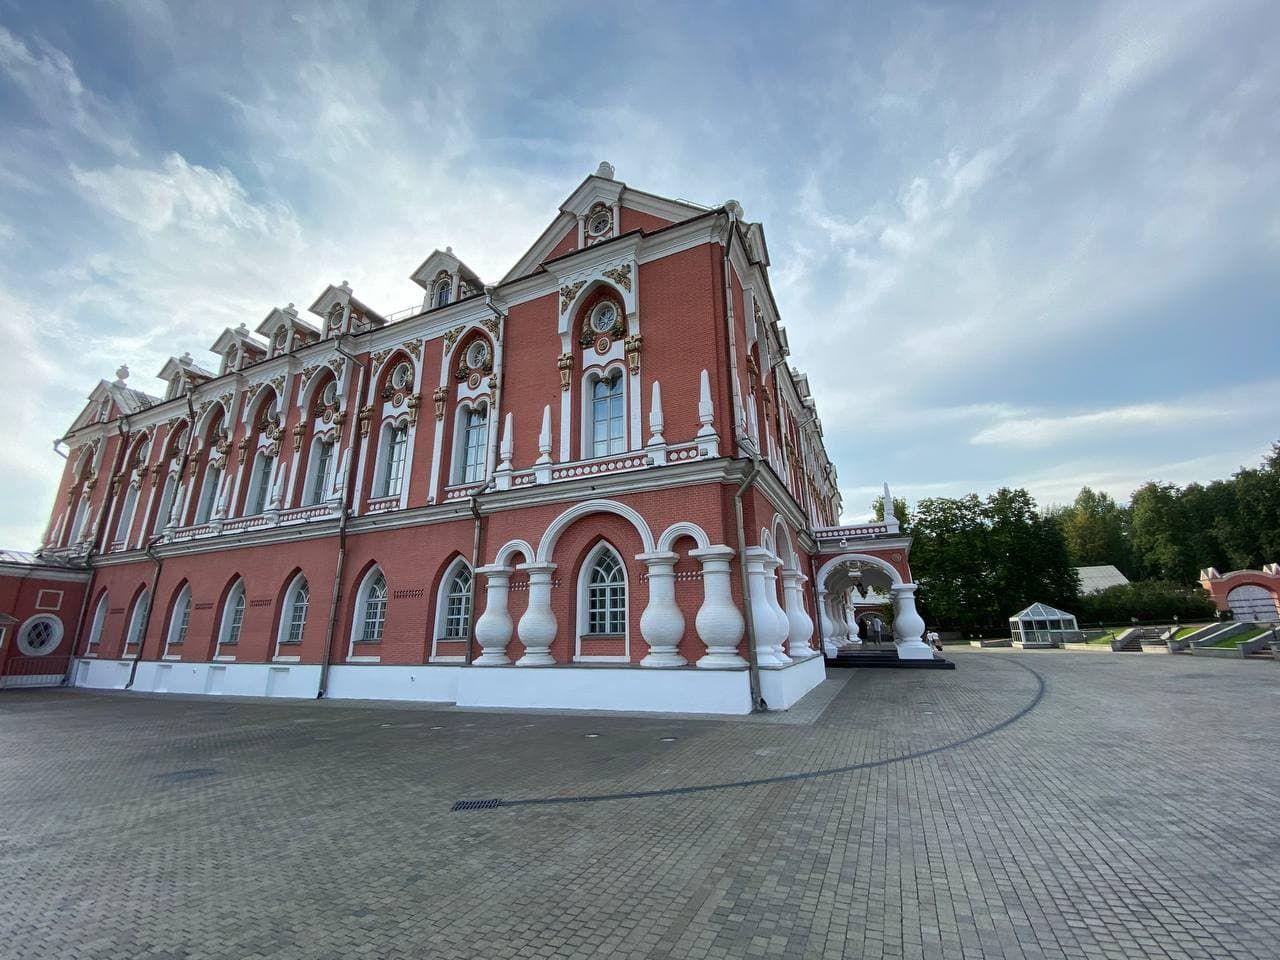 Лето продолжается, один мой долгожданный выходной в Москве, фото 55